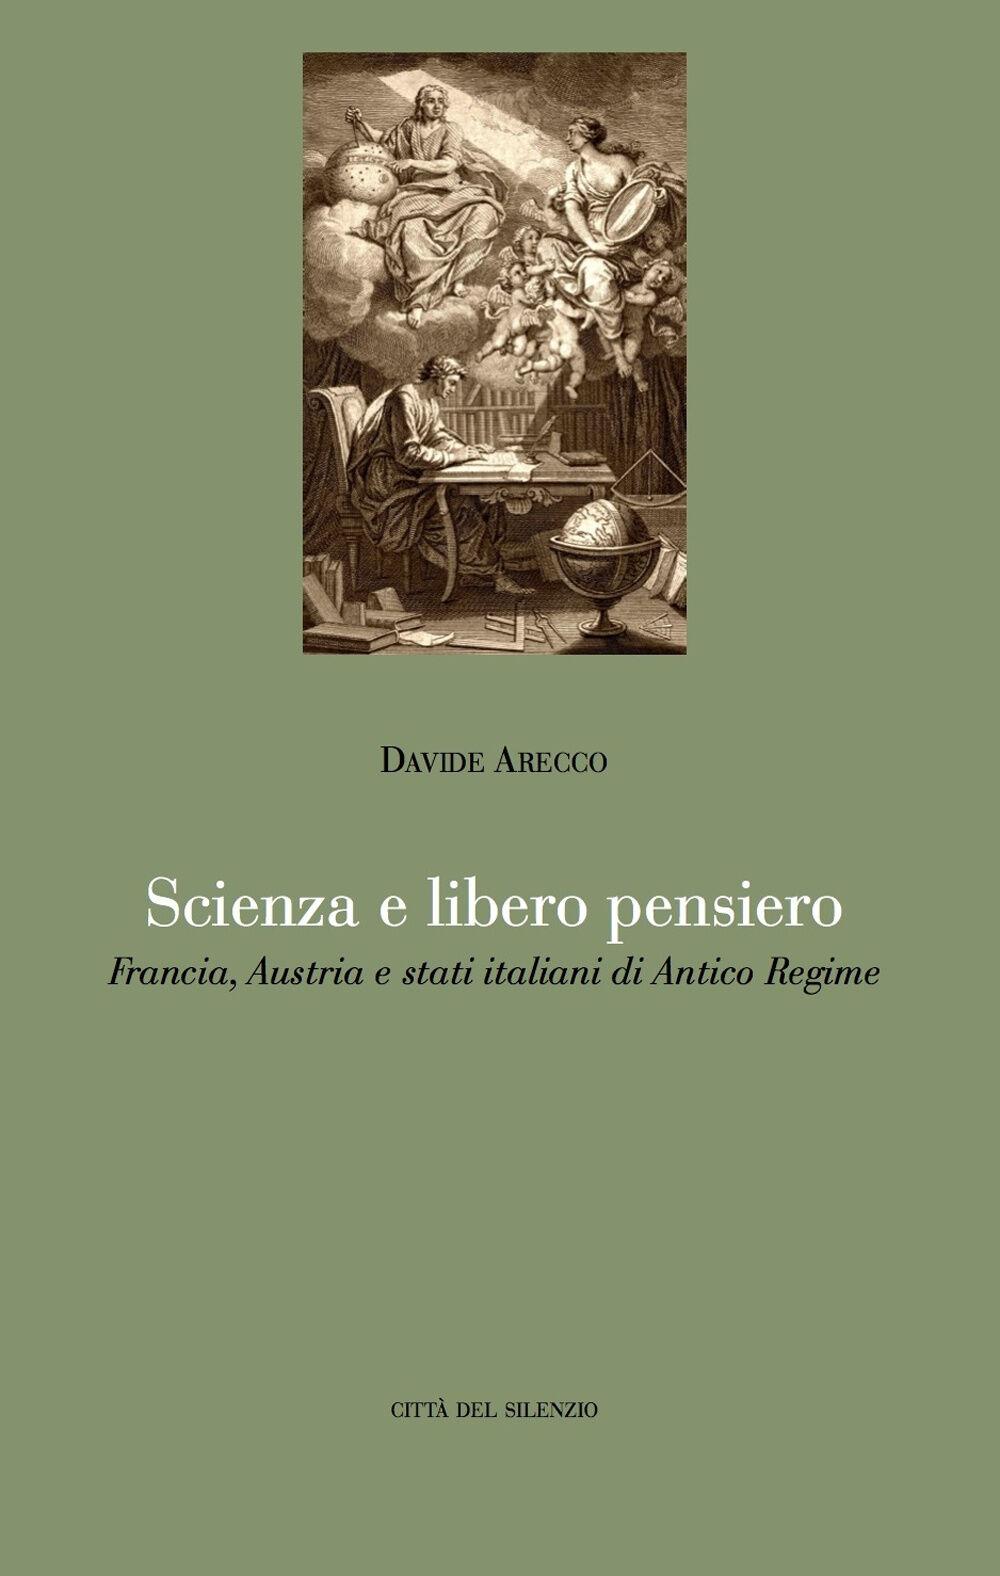 Scienza e libero pensiero. Francia, Austria e stati italiani di Antico Regime